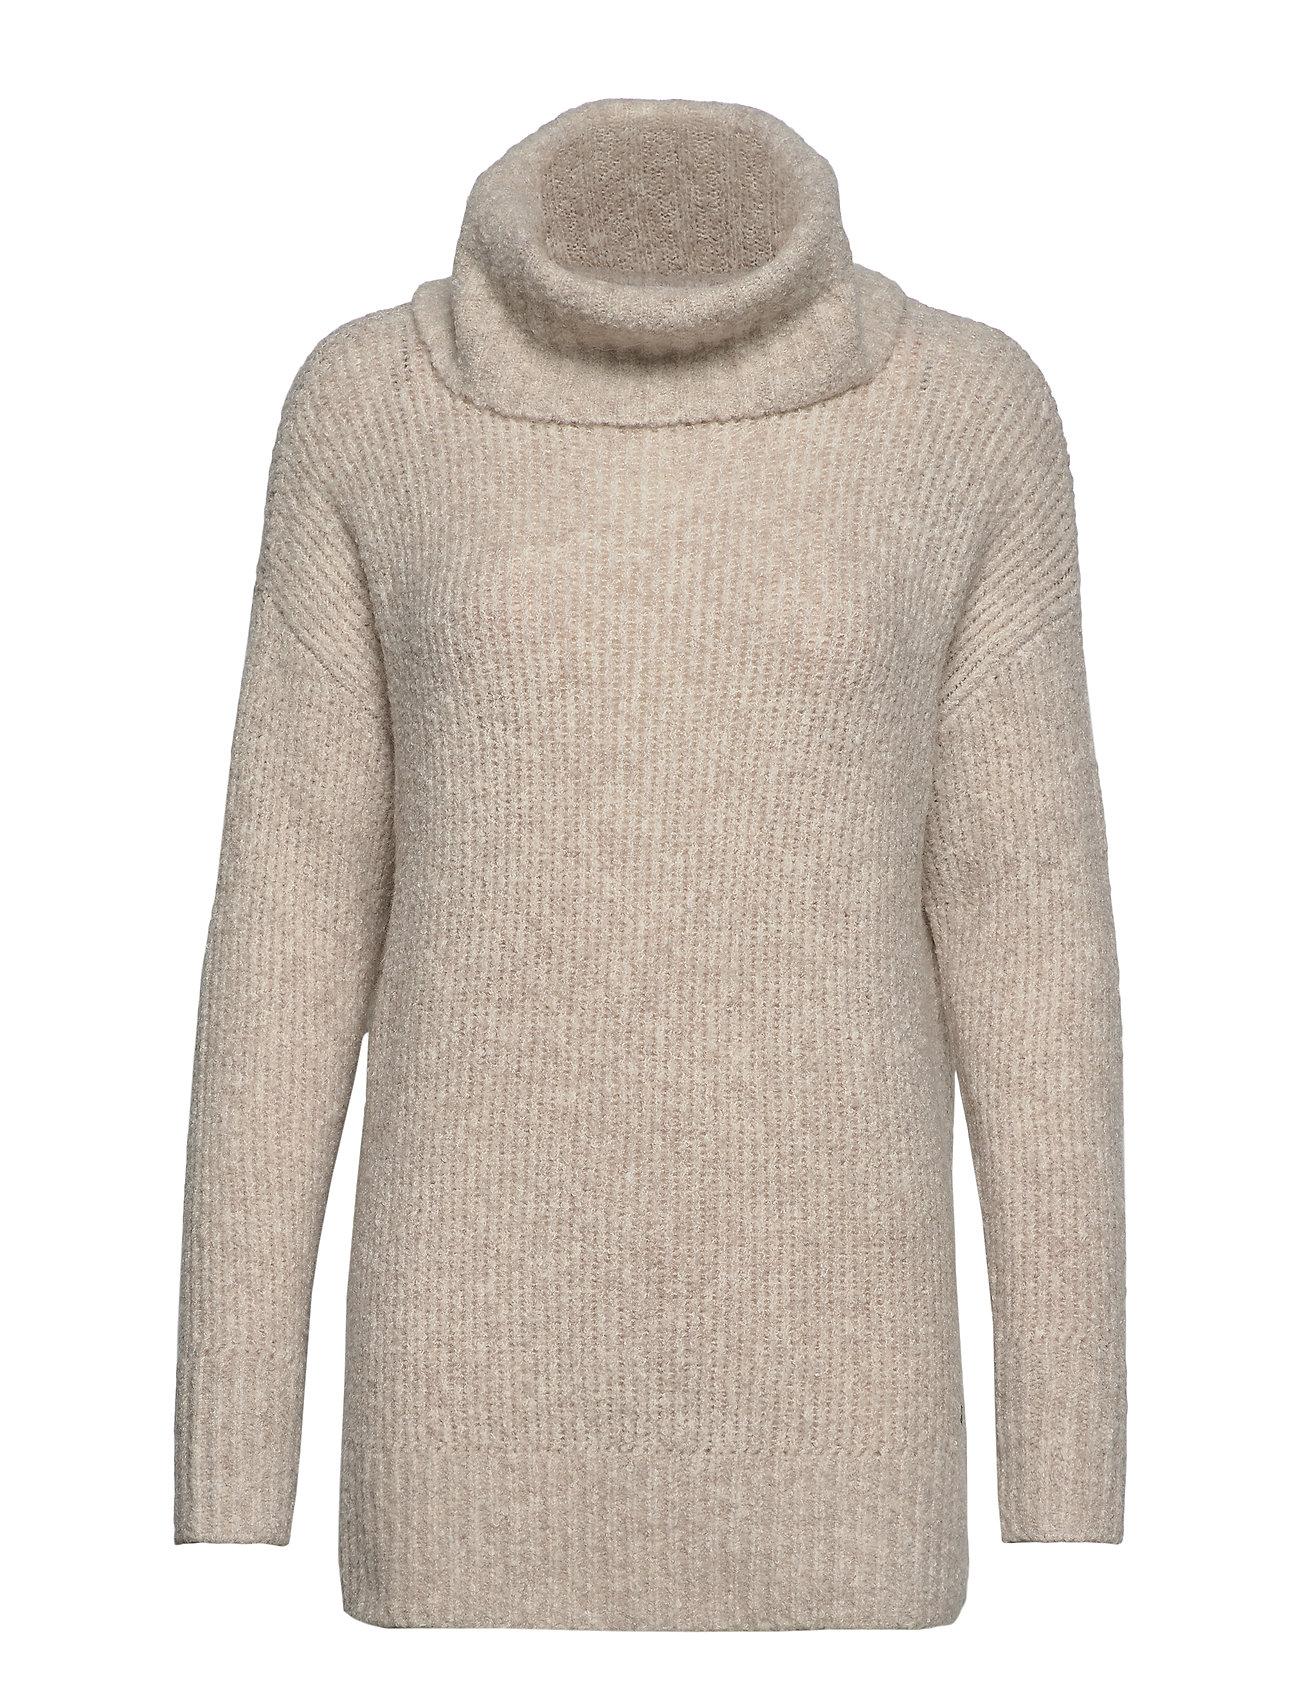 5Esprit Casual Sweaterscream 5Esprit Sweaterscream Beige Beige Sweaterscream 5Esprit Casual Beige mwvNyO8n0